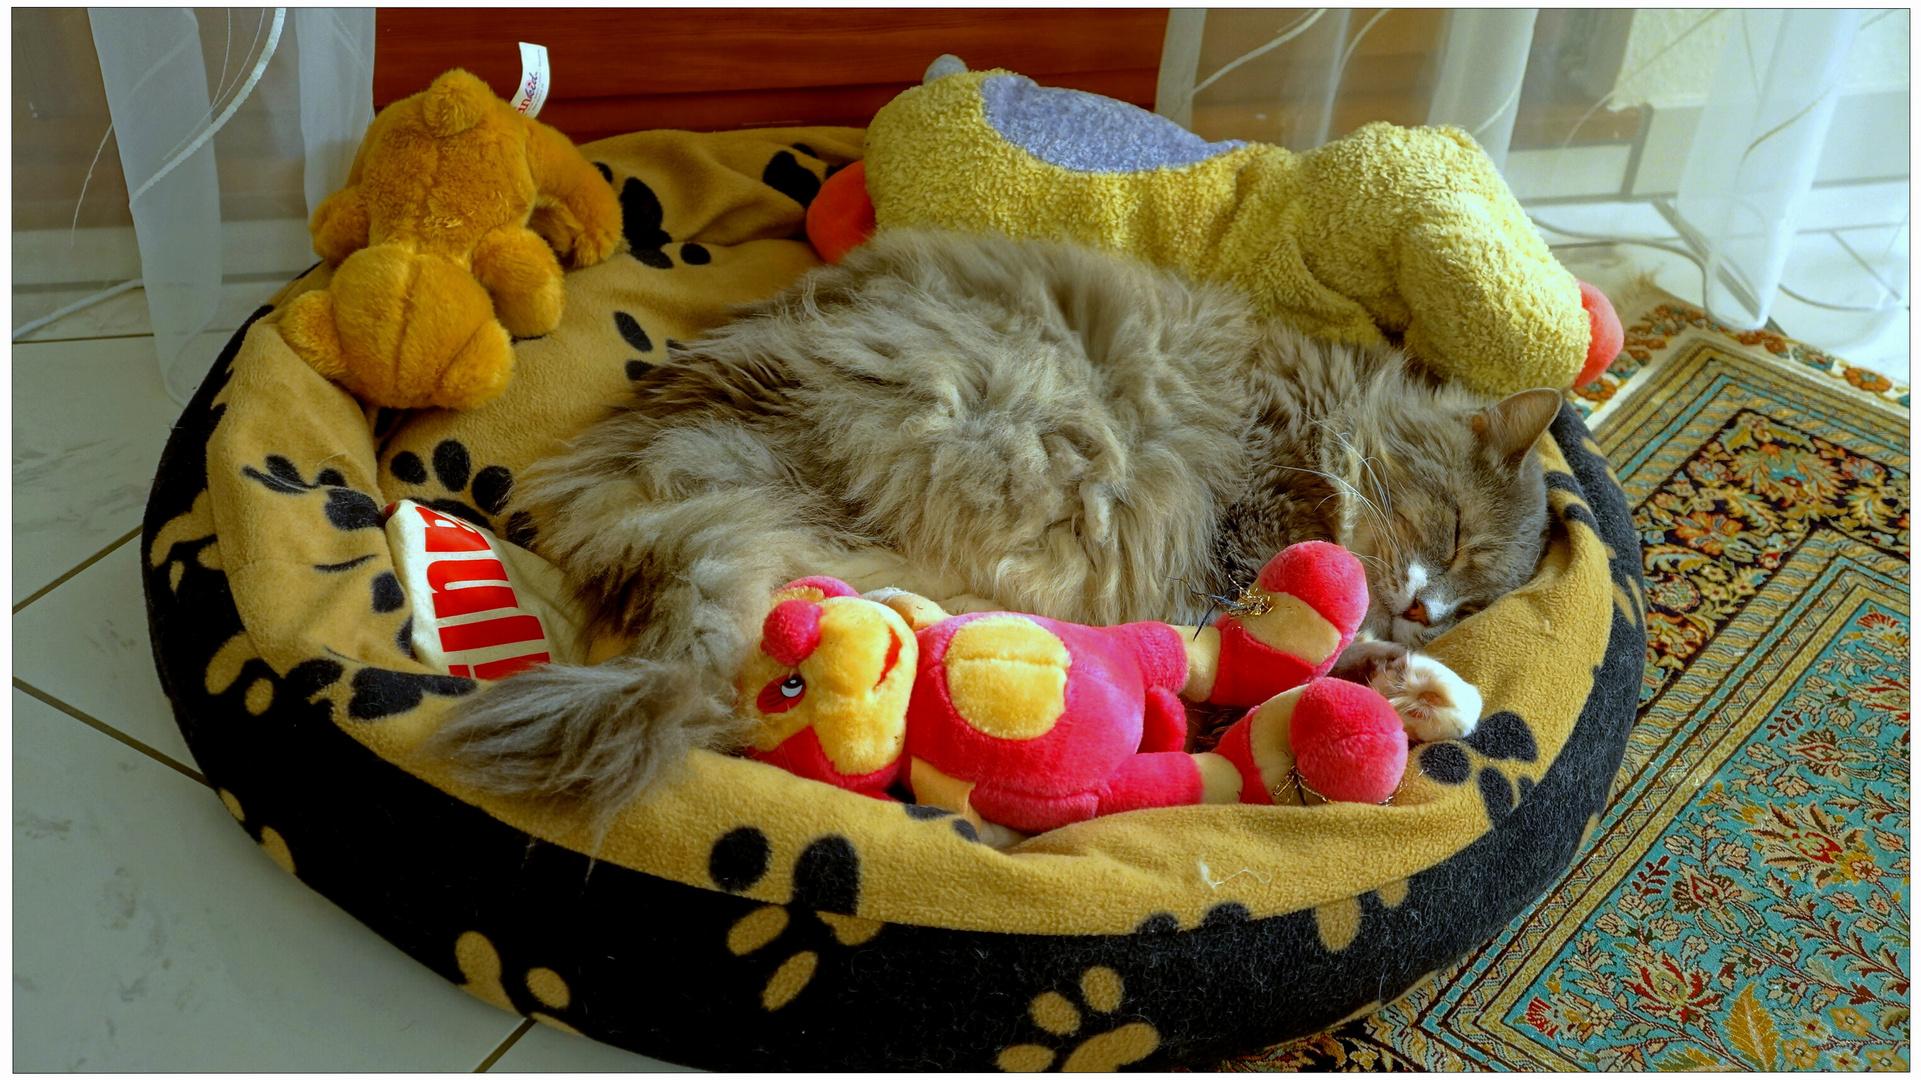 Jico schläft mit Wicky-Emily`s Plüschtieren (Jico está durmiendo con los peluches de Wicky-Emily)